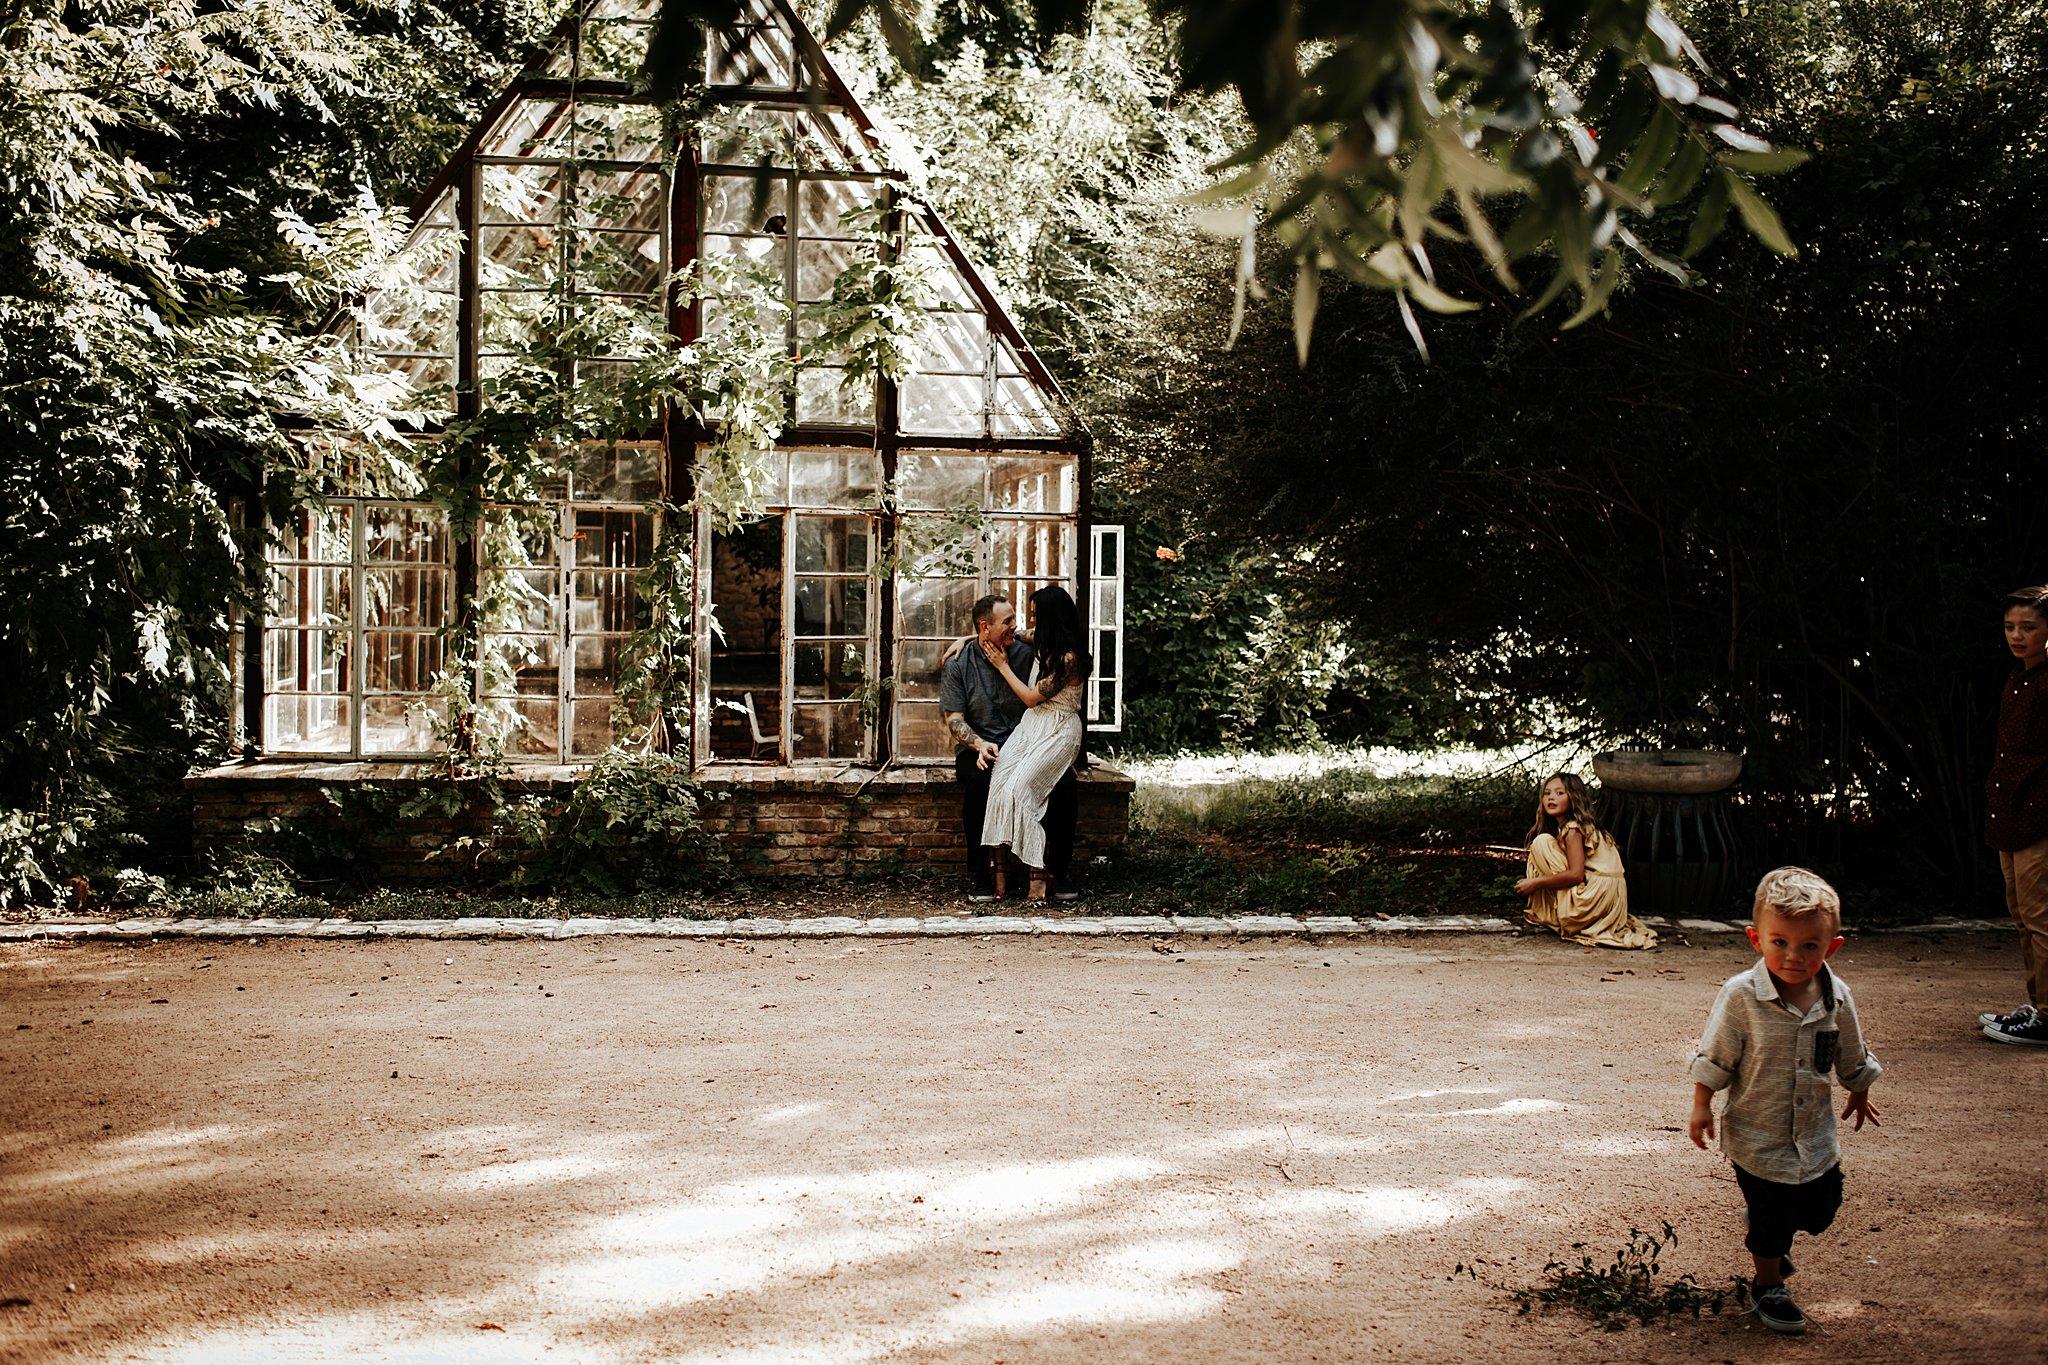 Ohara-San-Antonio-Family-Photographer-135_WEB.jpg